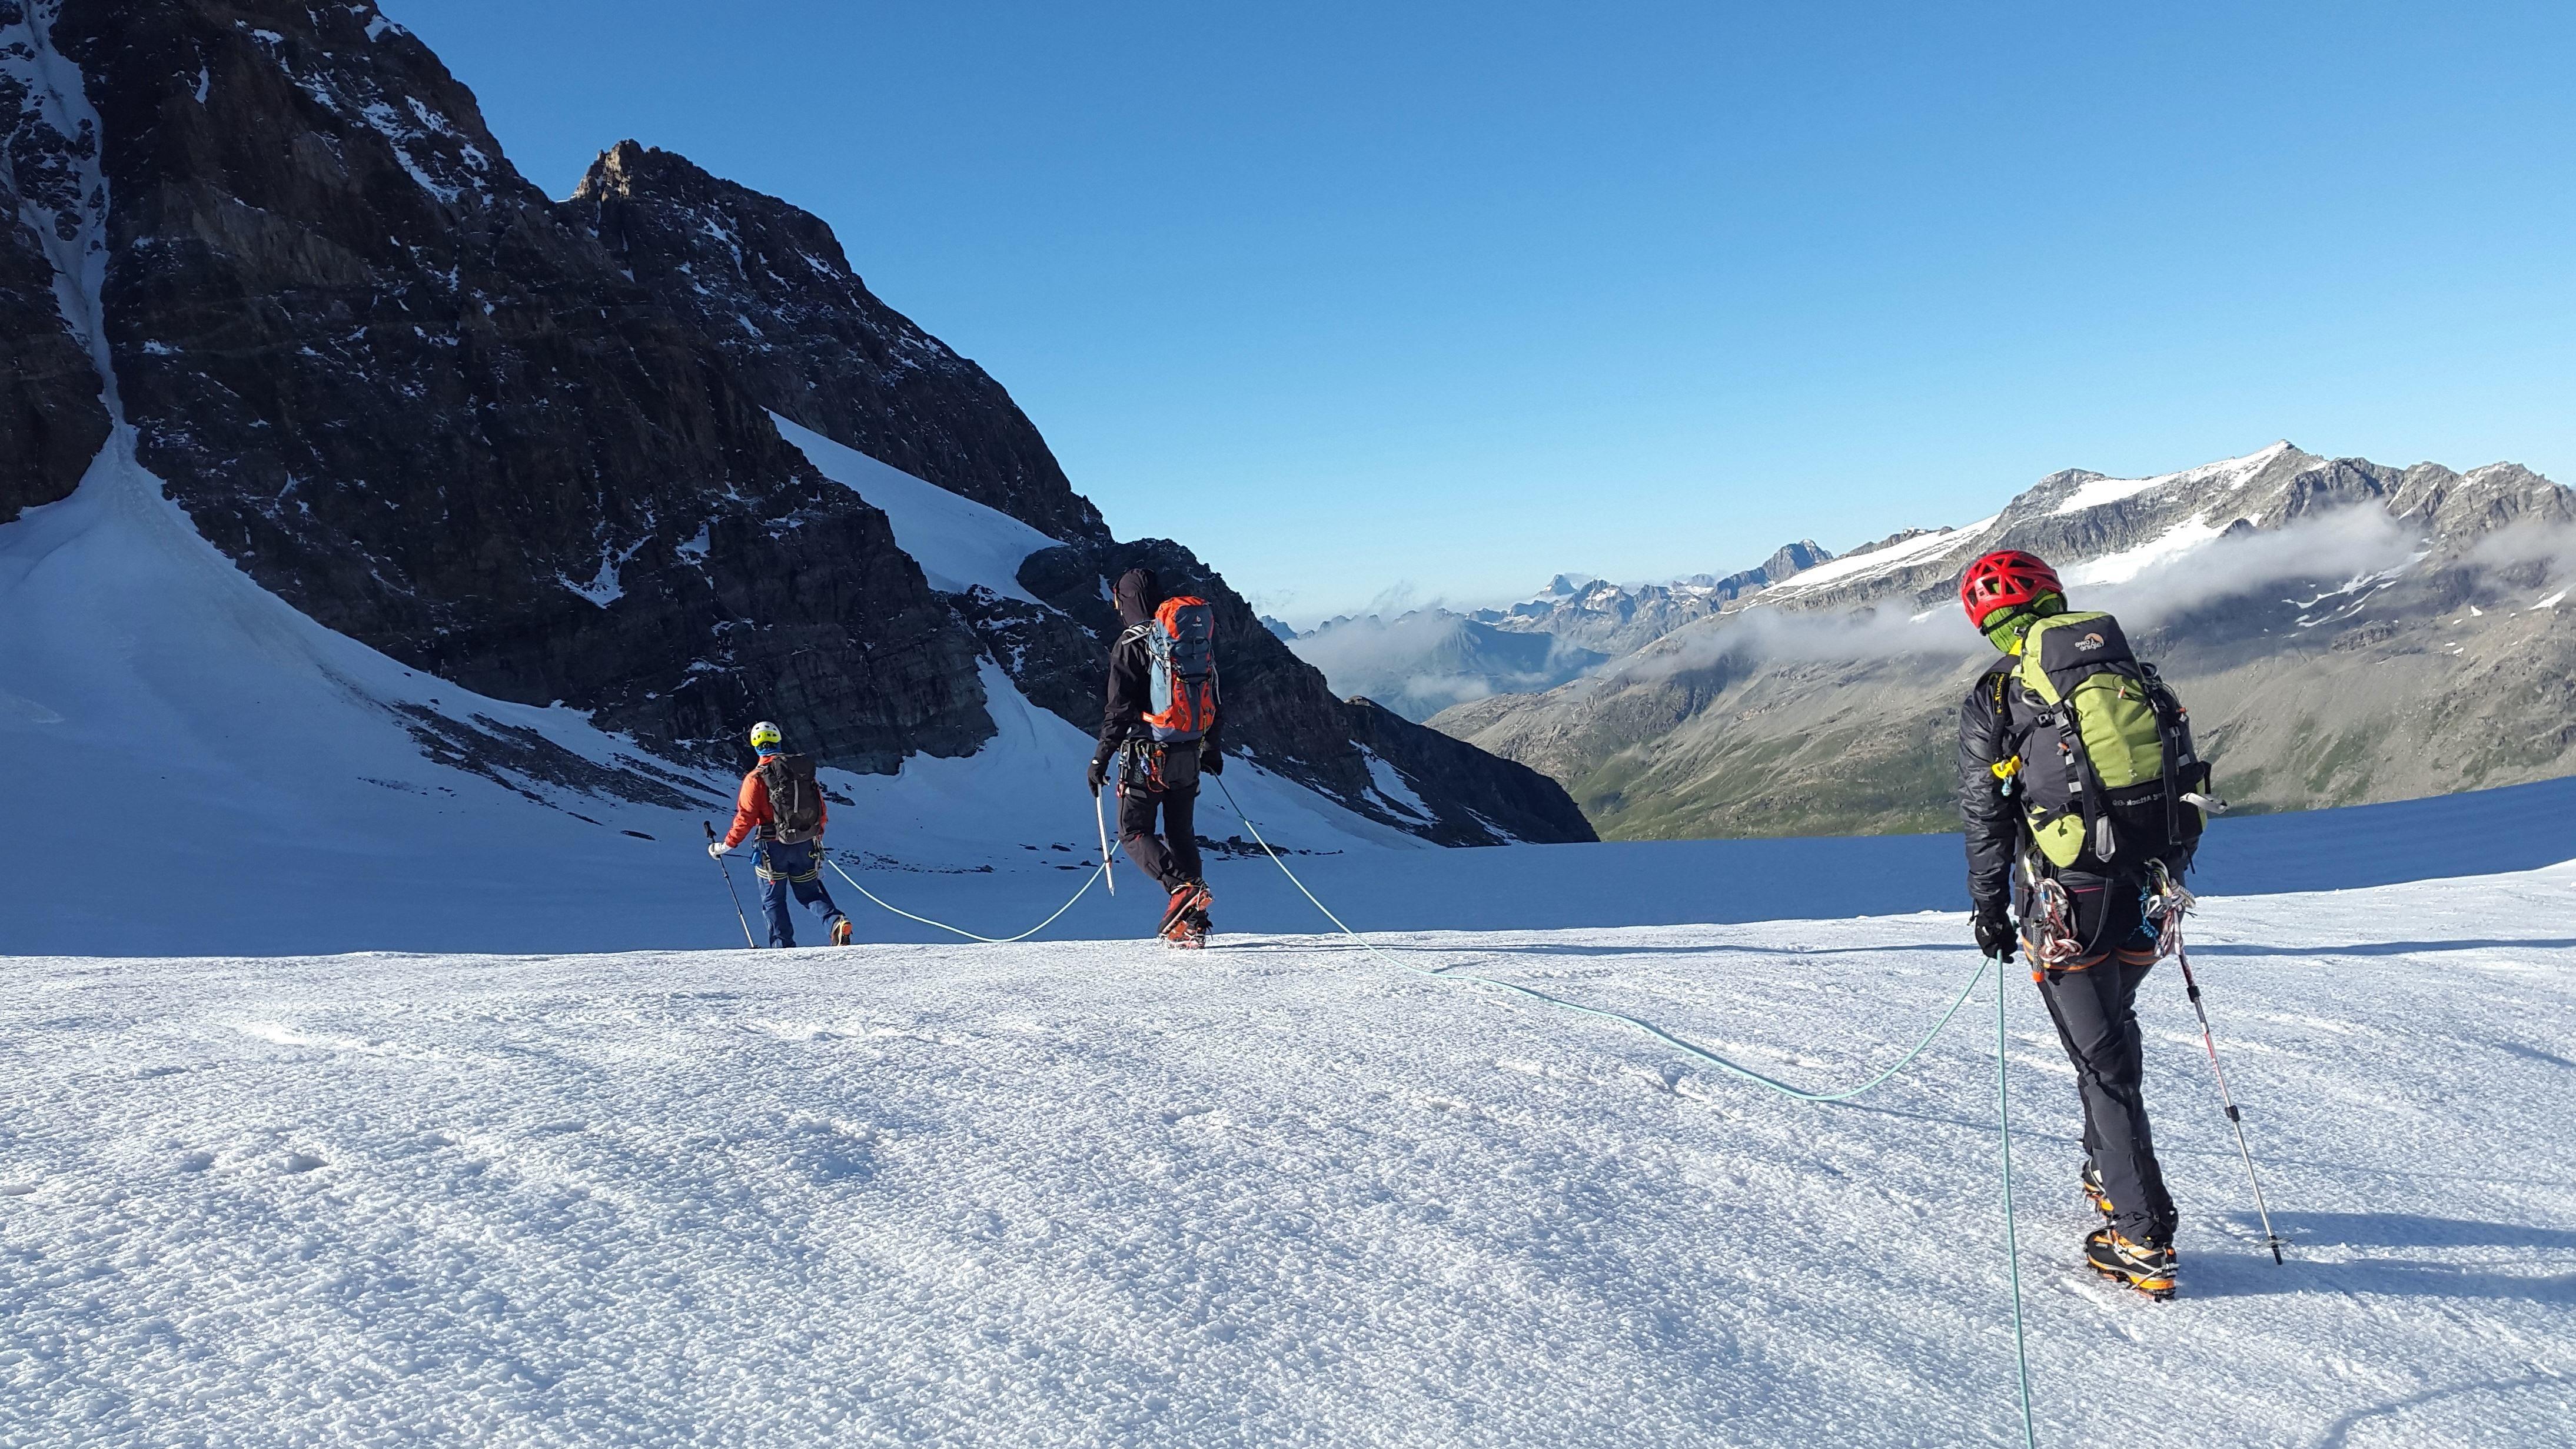 Foto gratis: lo sci, alpinismo, resort, neve, inverno, scalatore, freddo